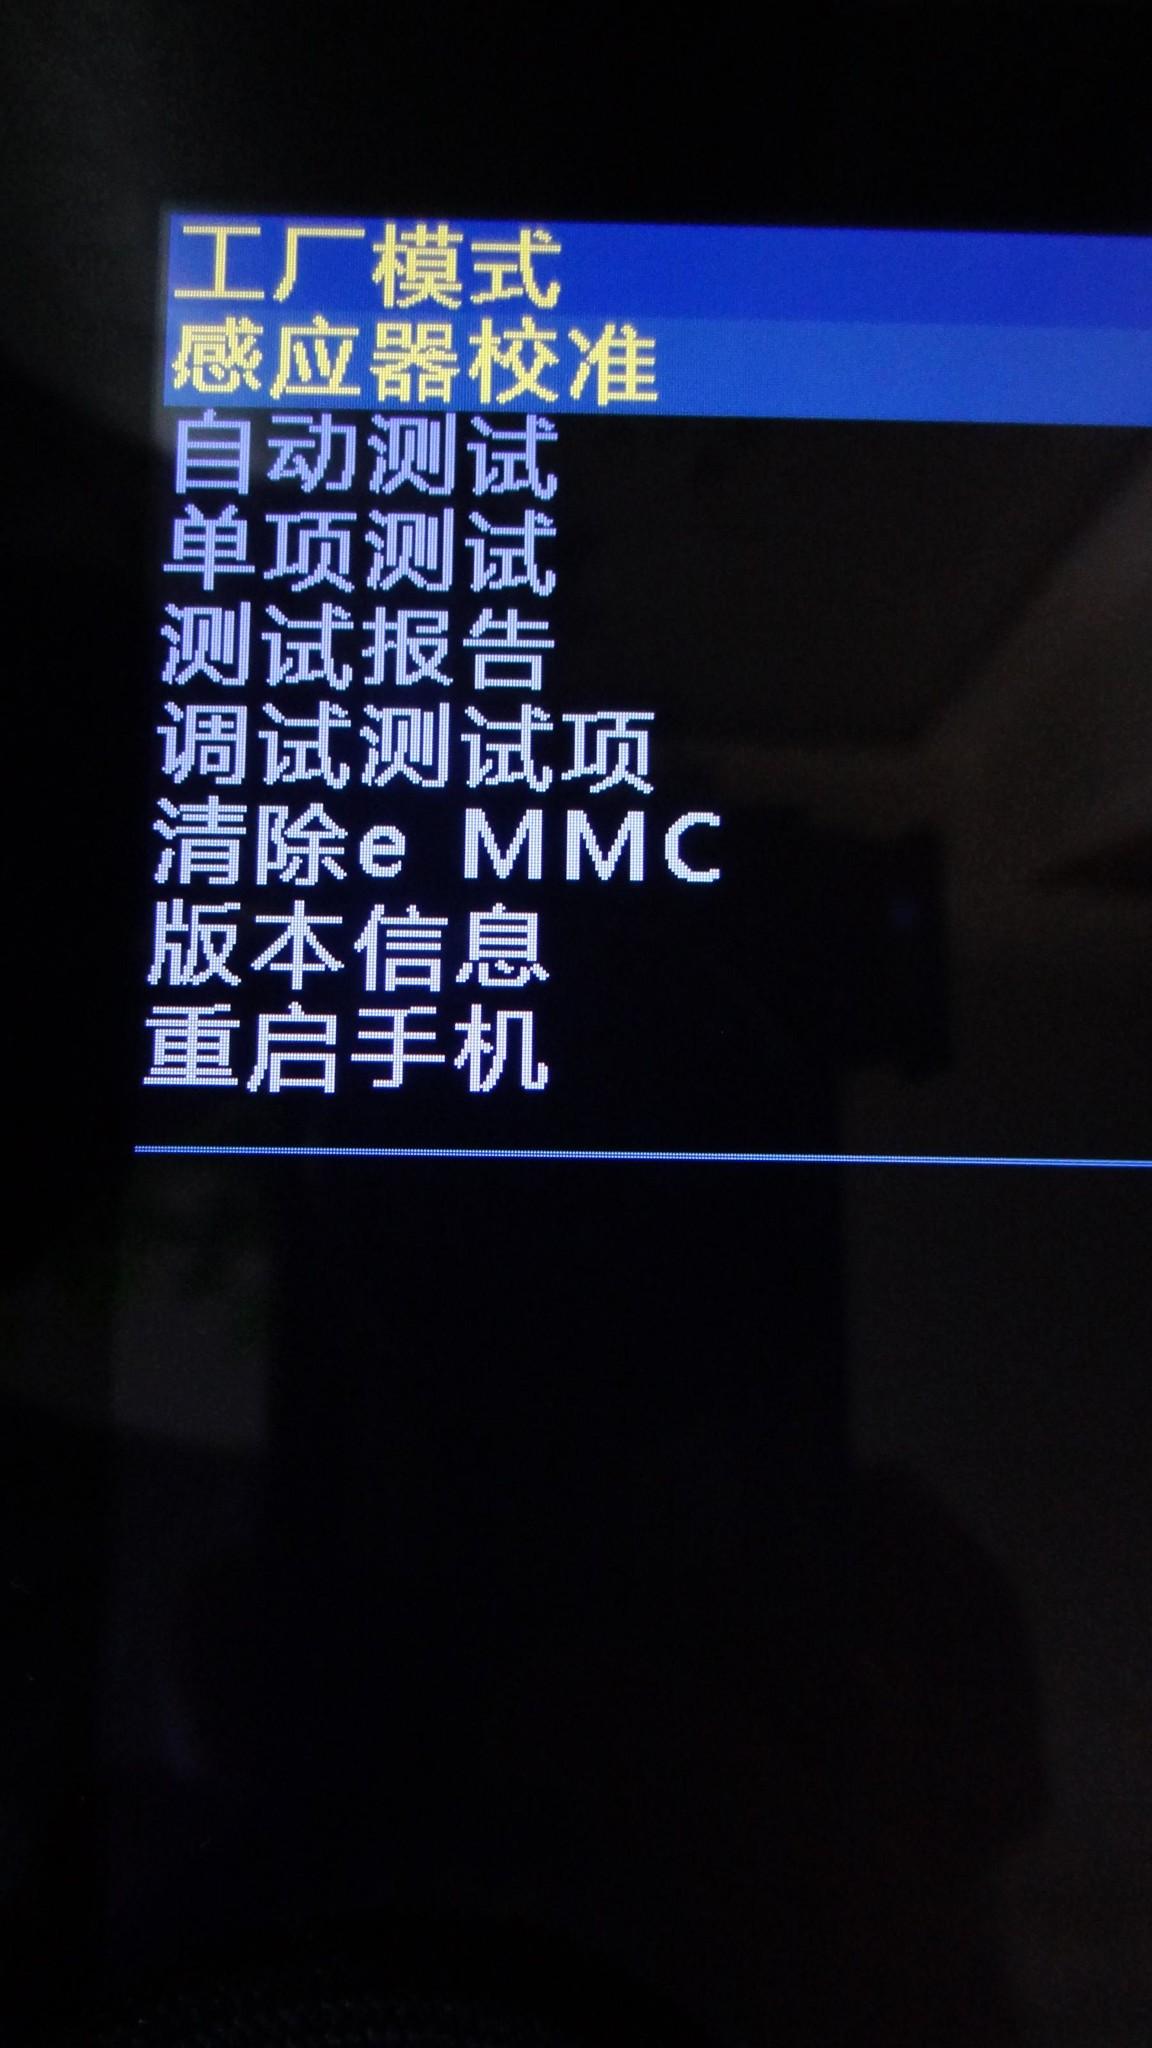 китайские иероглифы перевод фото айфон нас можно